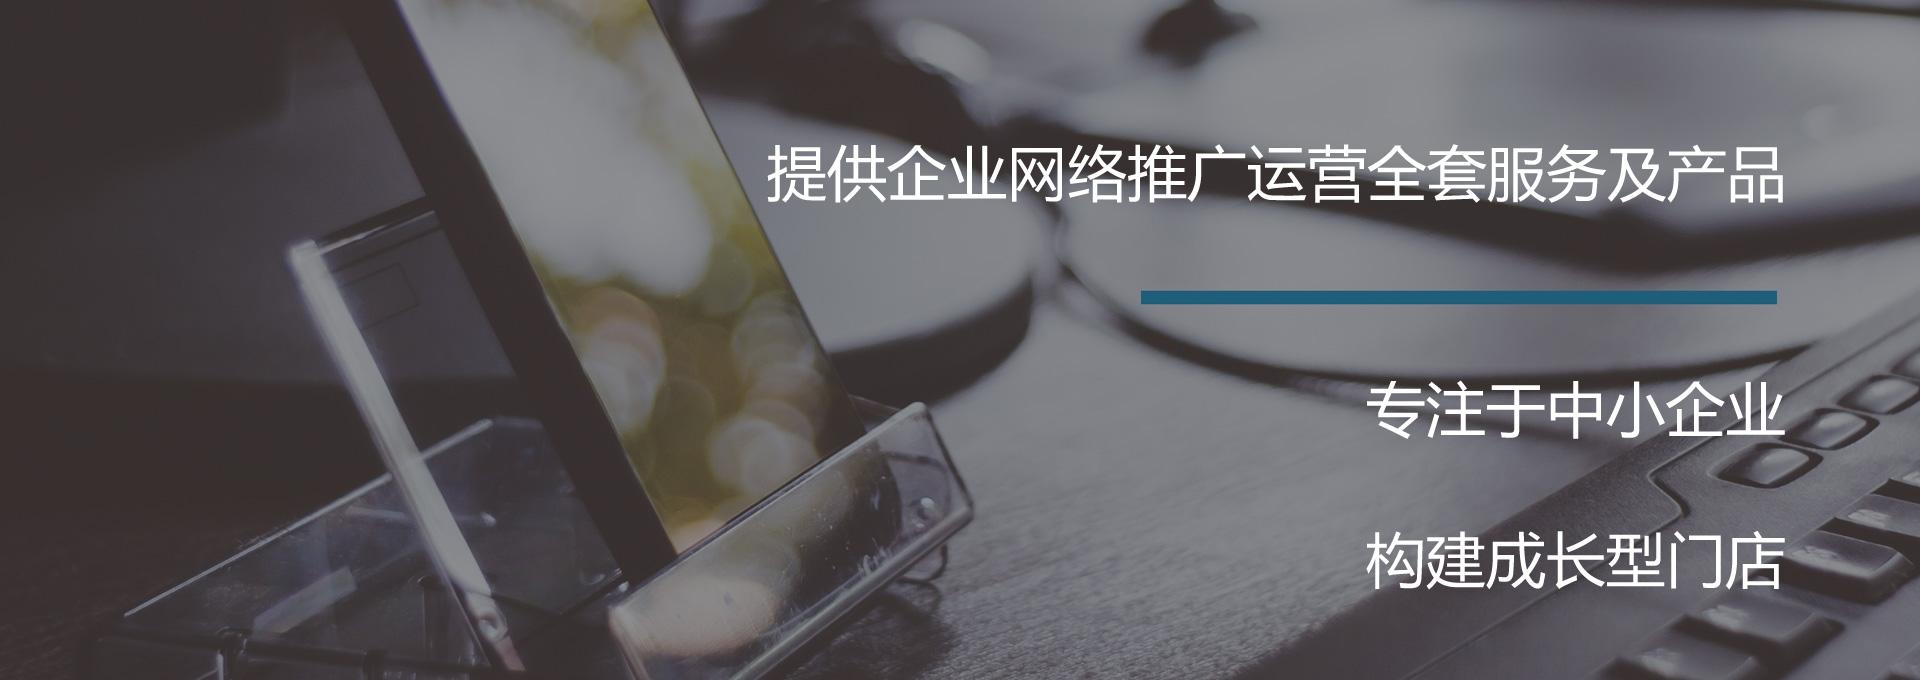 汉中构店:企业营销物料,软件,服务提供商